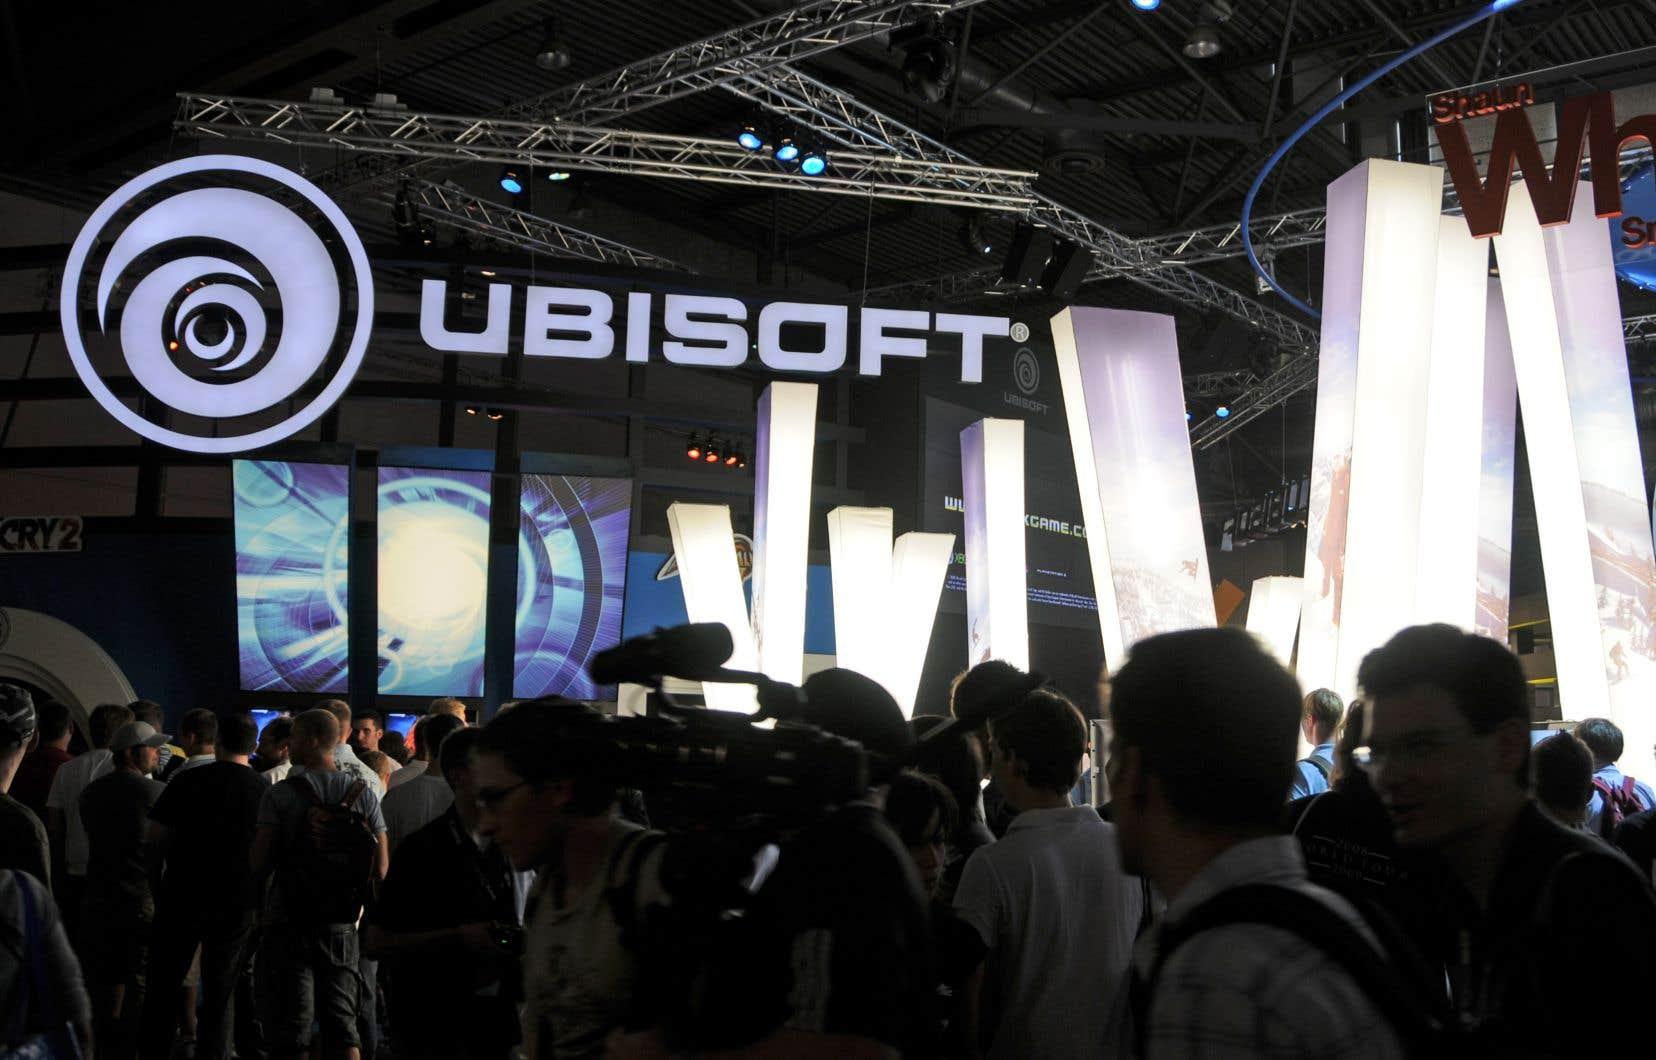 En cédant sa participation de 27,3% au capital d'Ubisoft, le groupe Vivendi solde un bras de fer engagé en octobre 2015 avec son entrée non sollicitée au tour de table de l'éditeur de jeux vidéo.